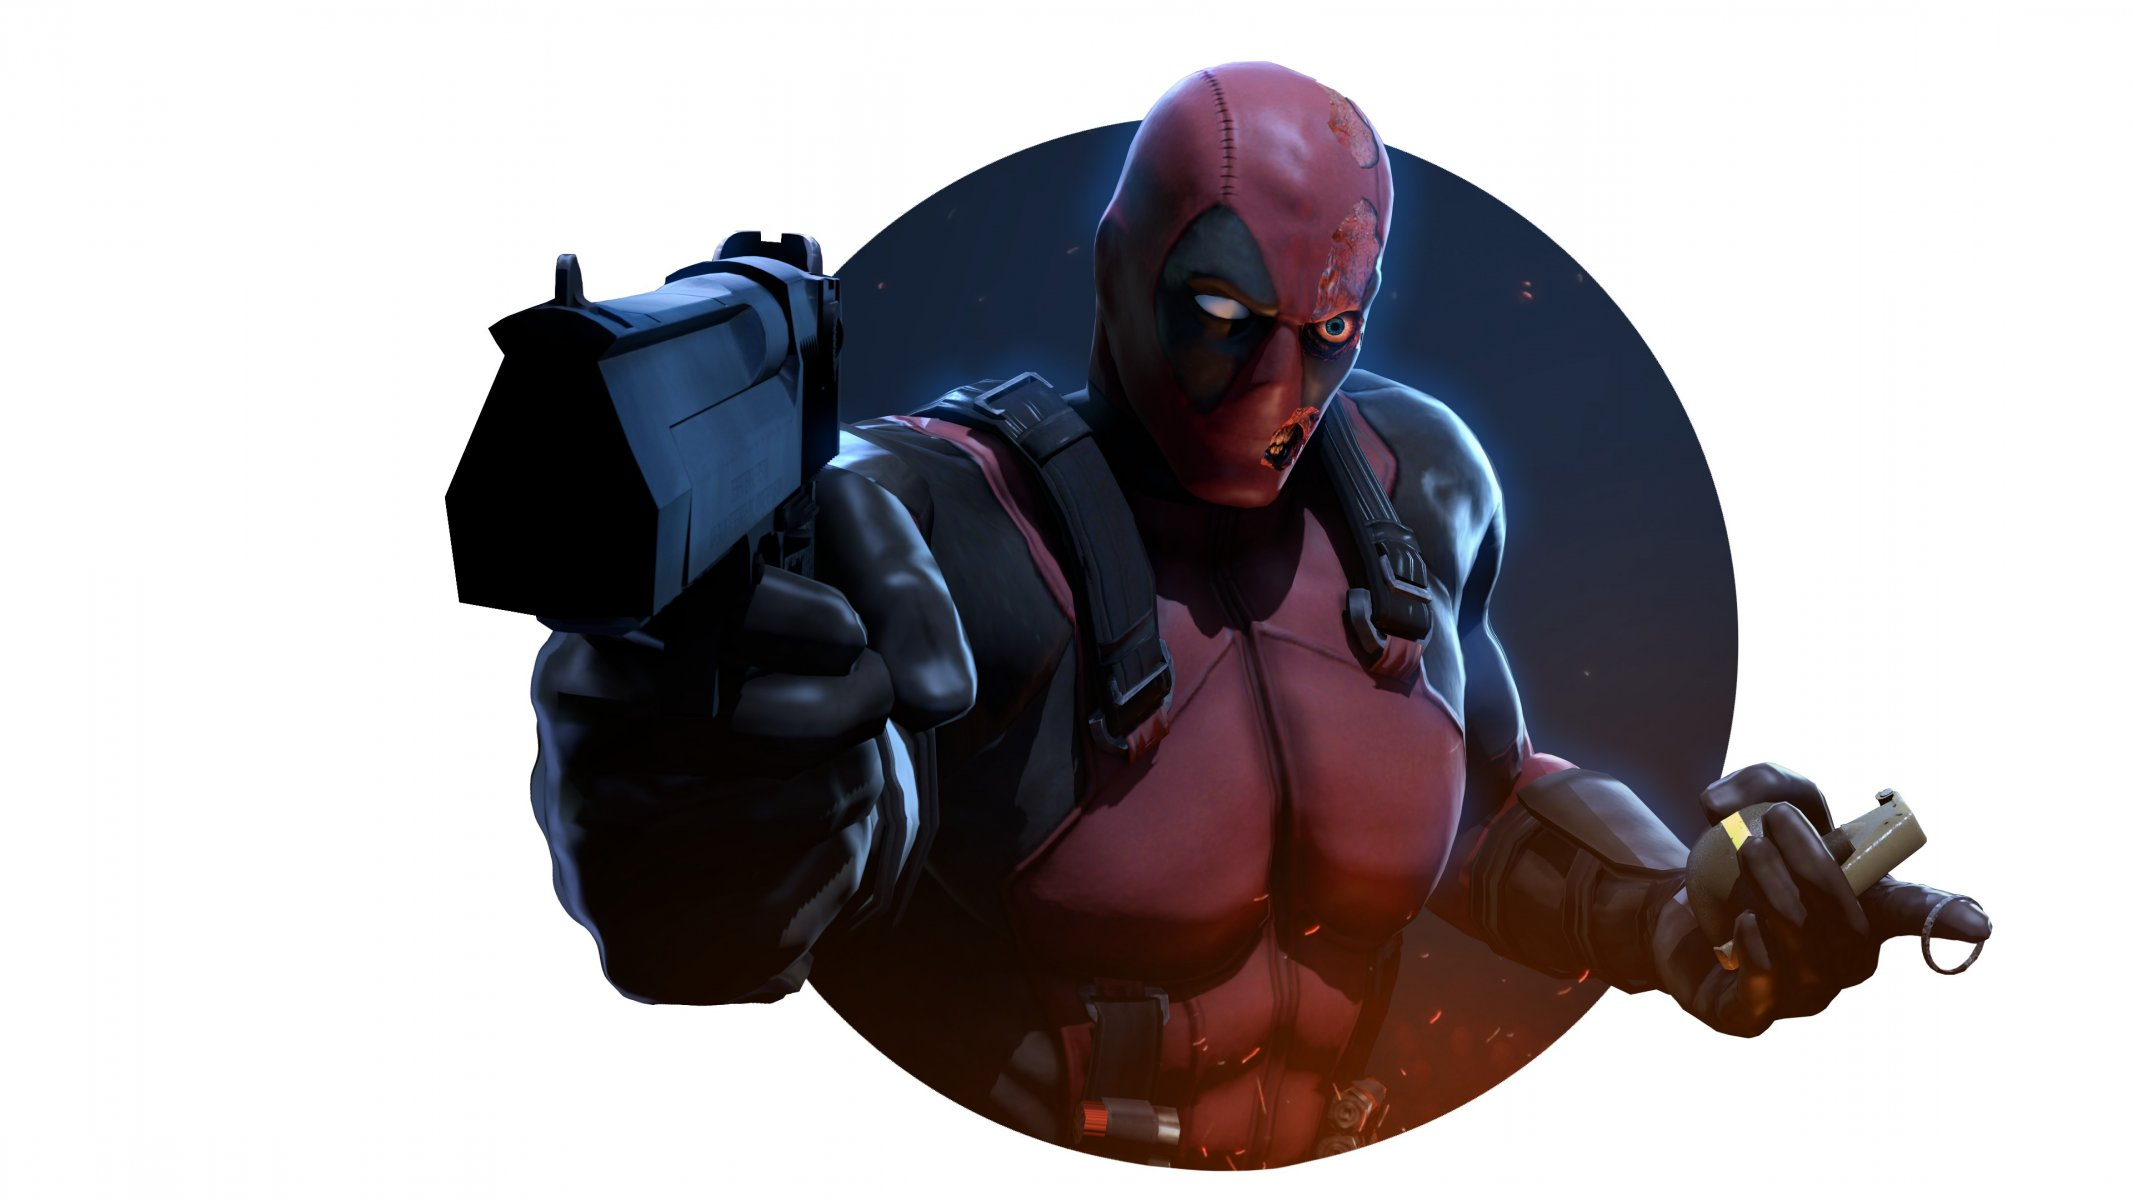 Обои пистолет, маска, Deadpool. Фантастика foto 14